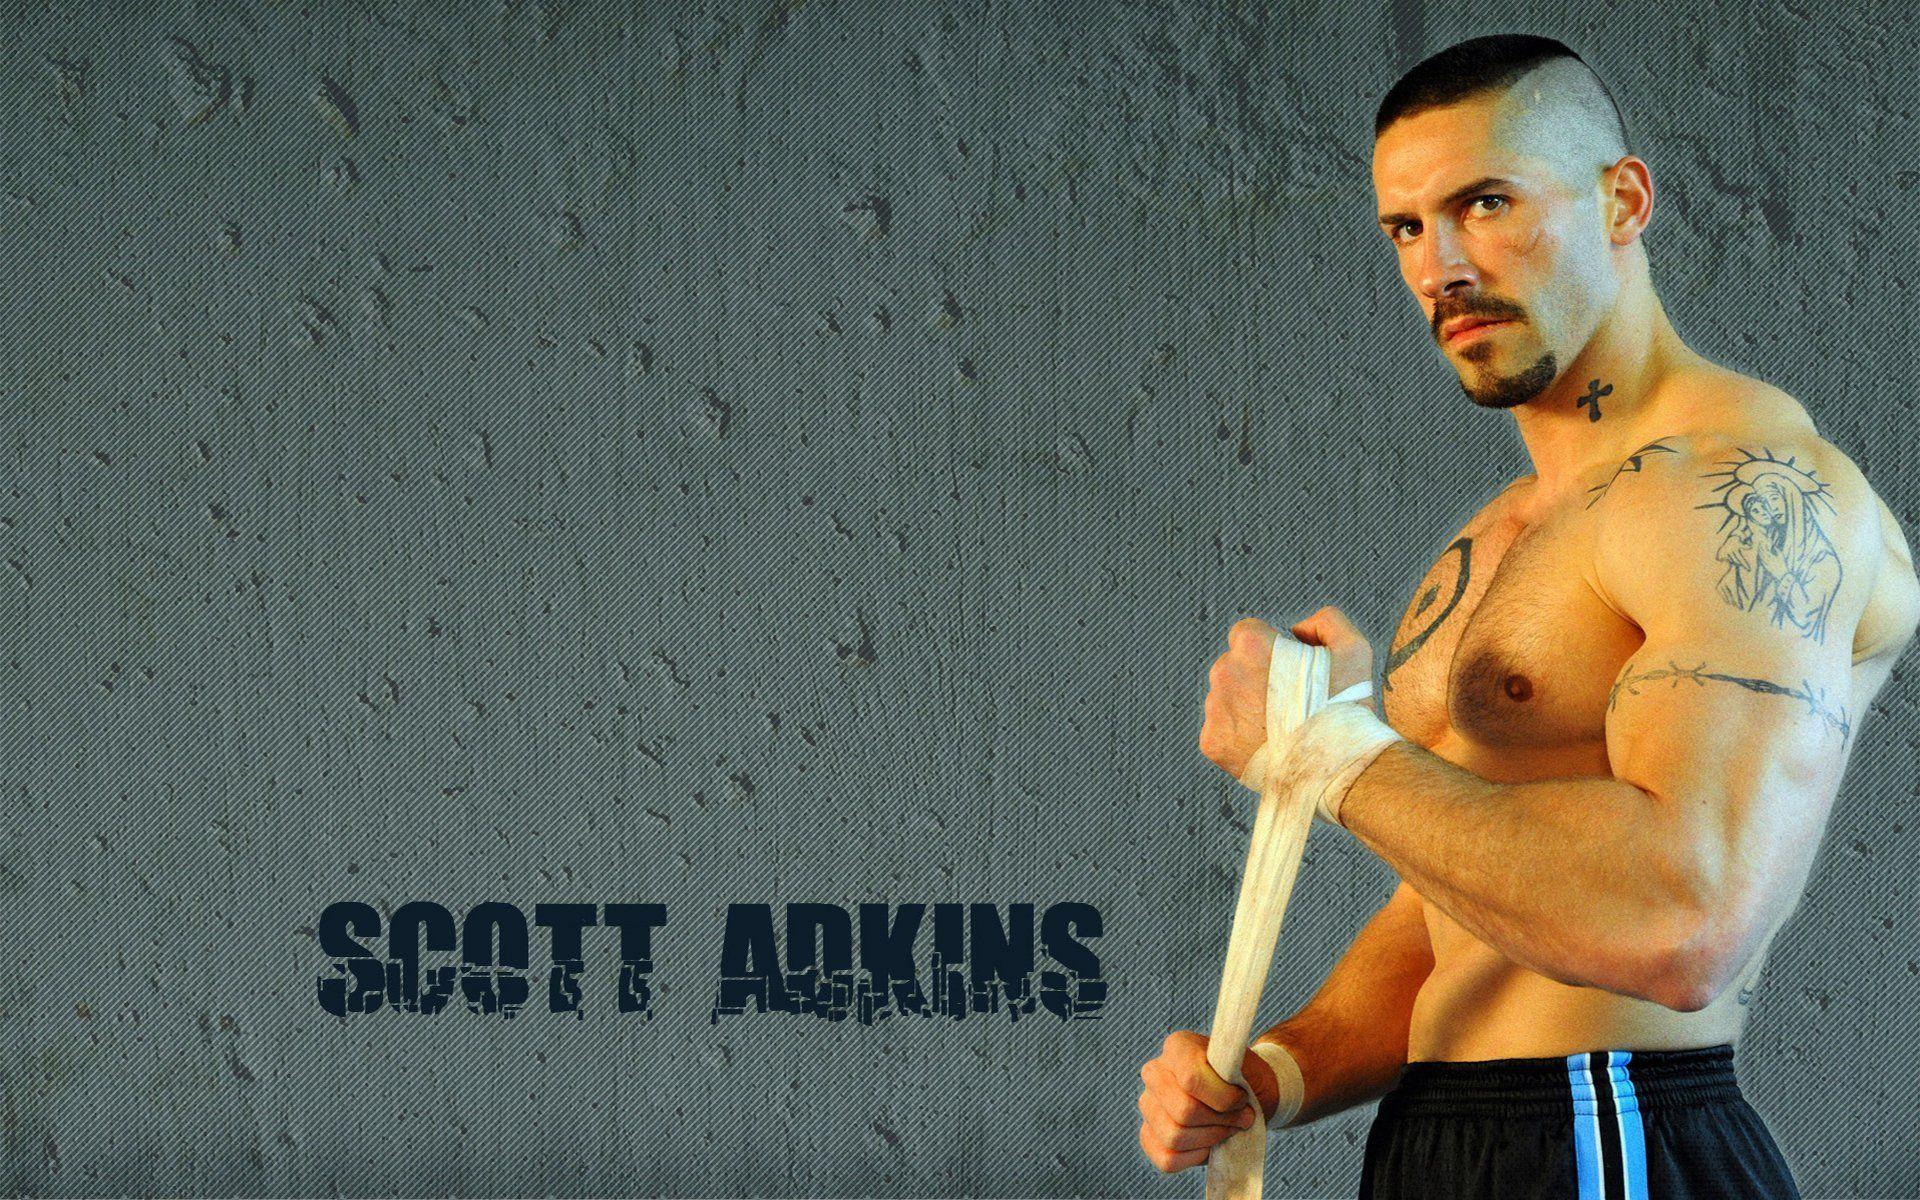 scott adkins scott adkins yuriy boyko yuri boyka HD wallpaper